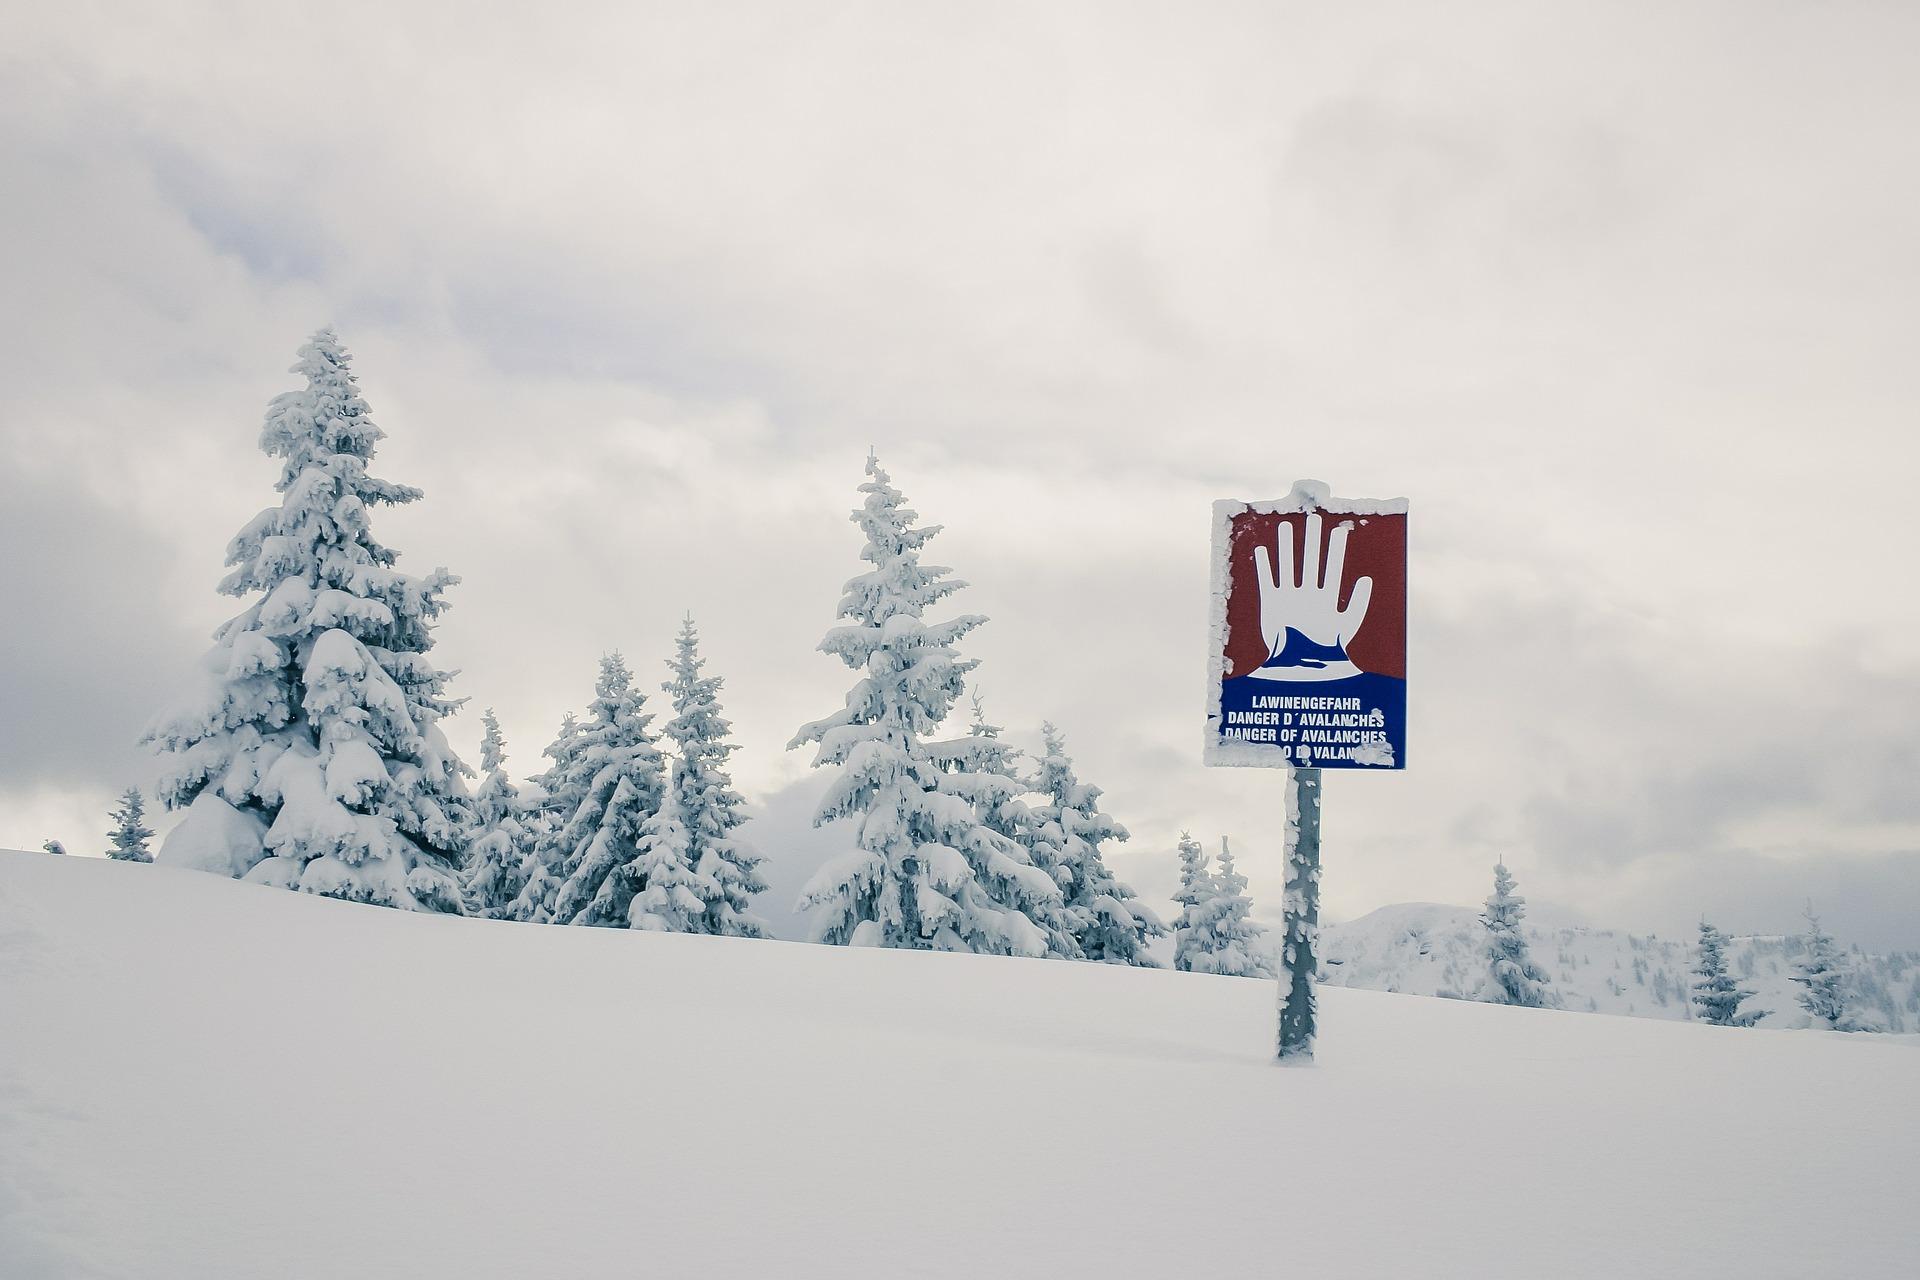 Stopp for rødt lys – snøskred på vei!